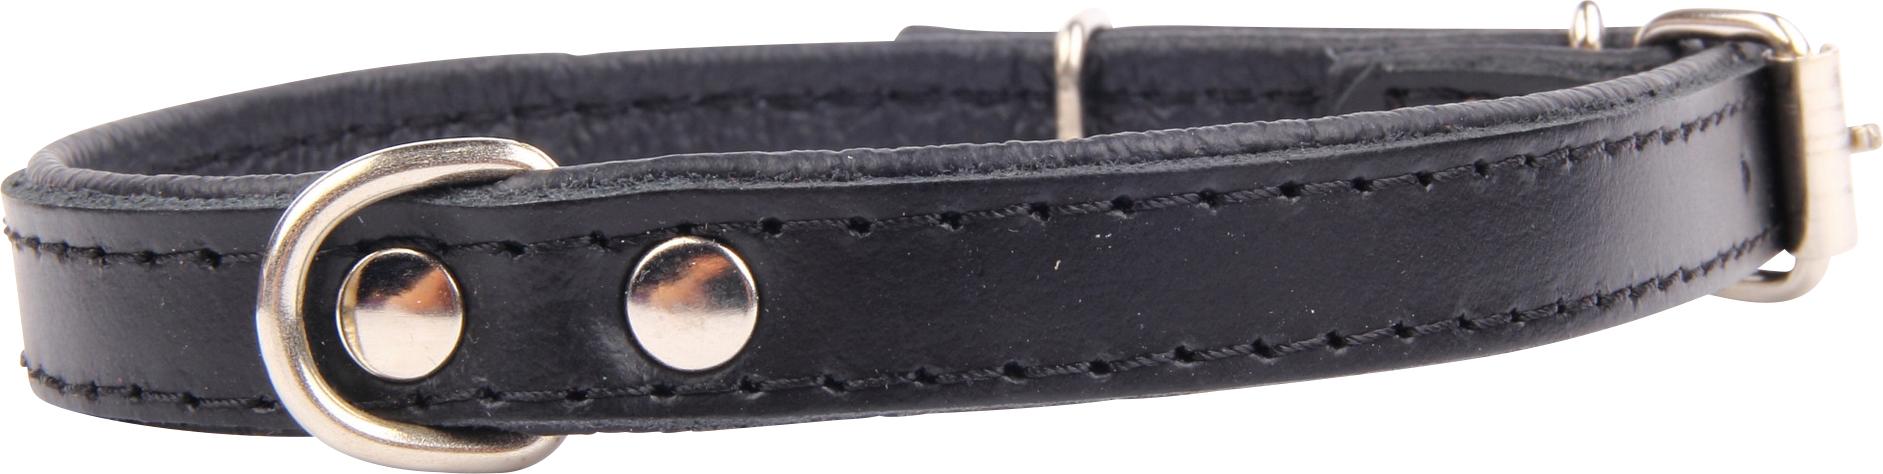 Läderhalsband, Svart 30 cm